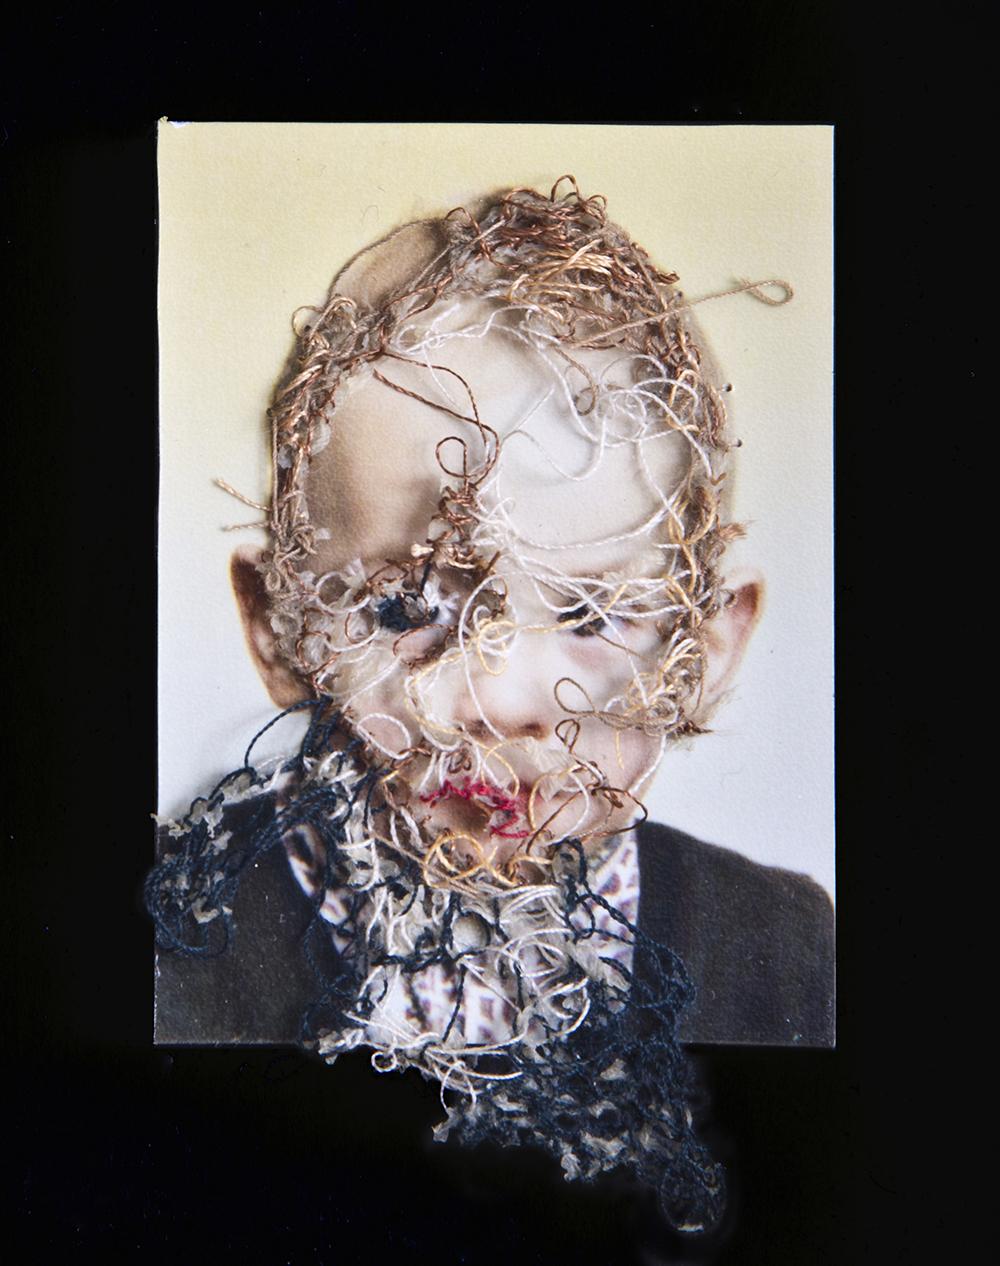 Mi hermano Javi. A flor de piel, 01. 10x15 cm. Fotografía, hilo y piel. 2012